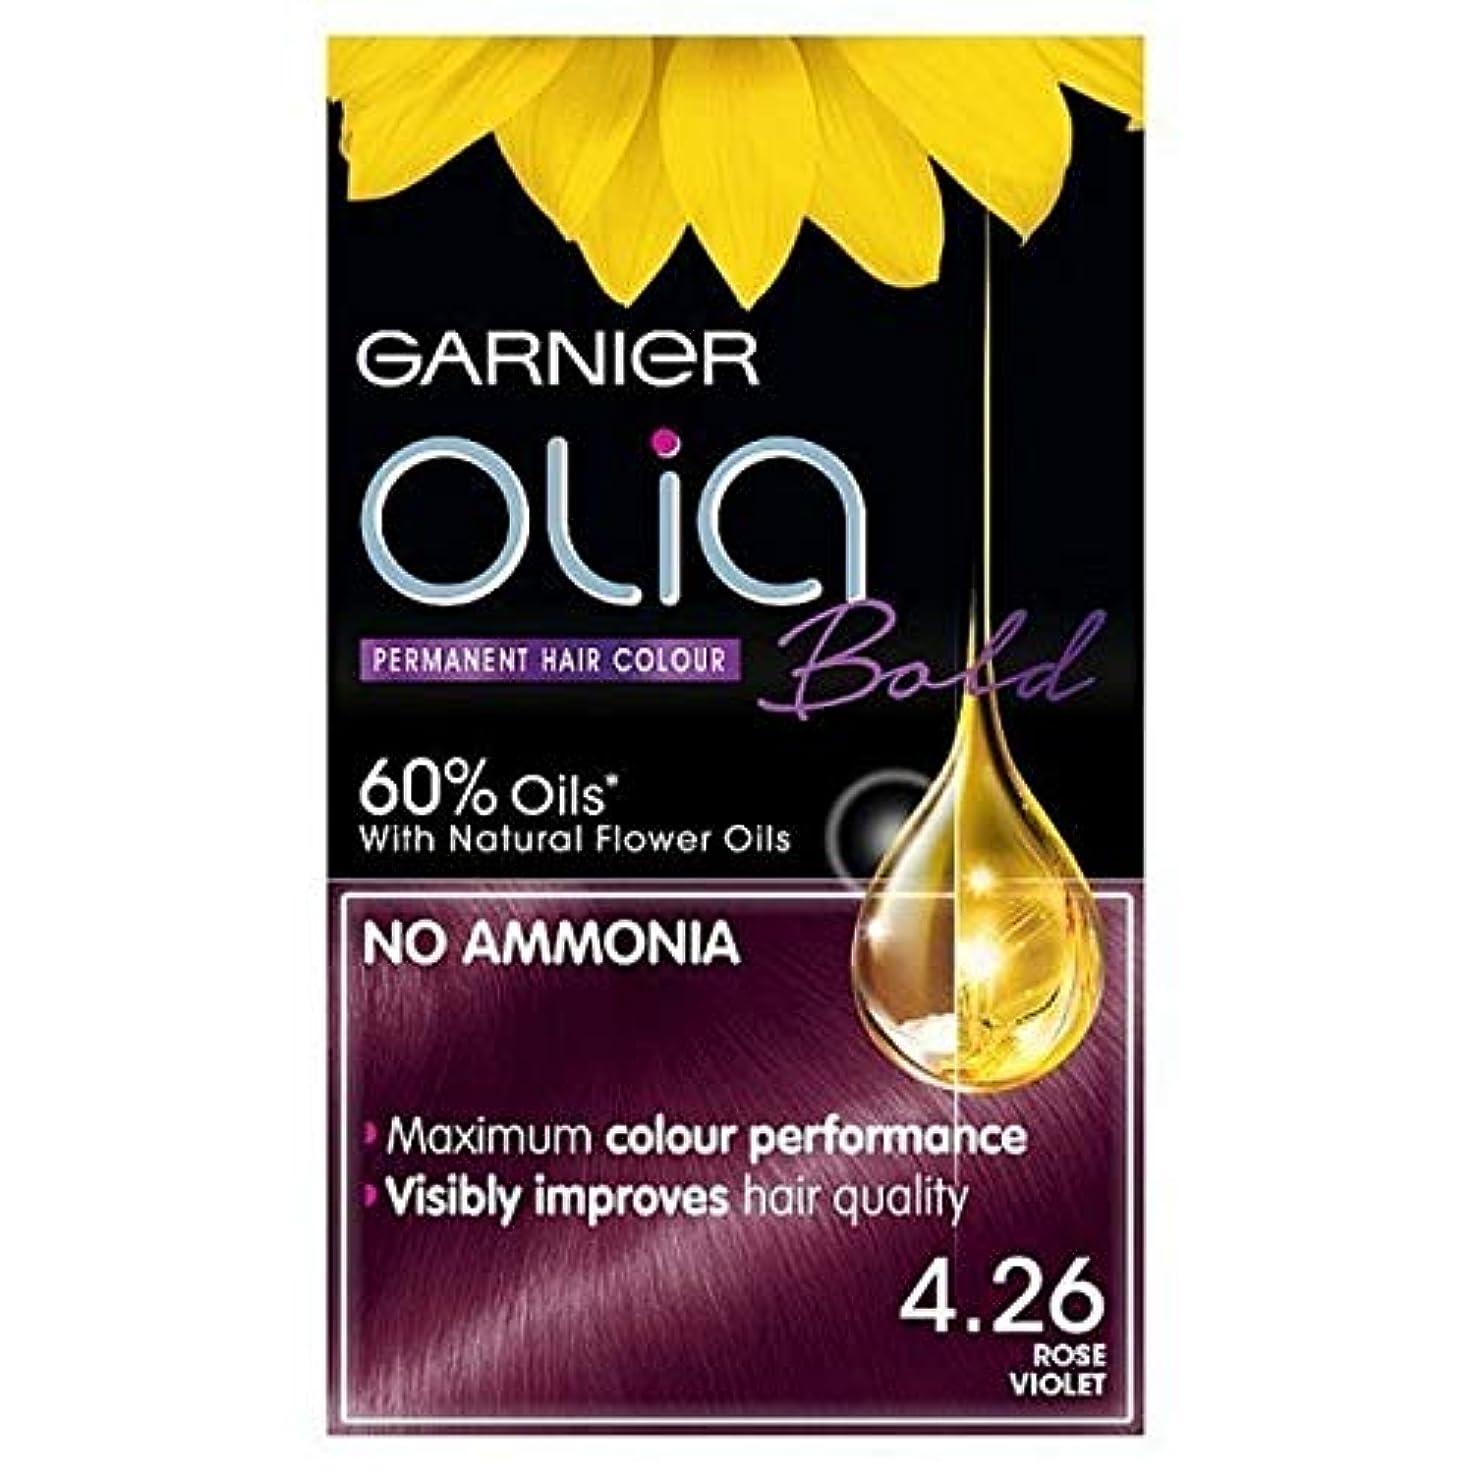 素晴らしいしおれた具体的に[Garnier ] ガルニエOlia大胆永久染毛剤は、紫4.26ローズ - Garnier Olia Bold Permanent Hair Dye Rose Violet 4.26 [並行輸入品]